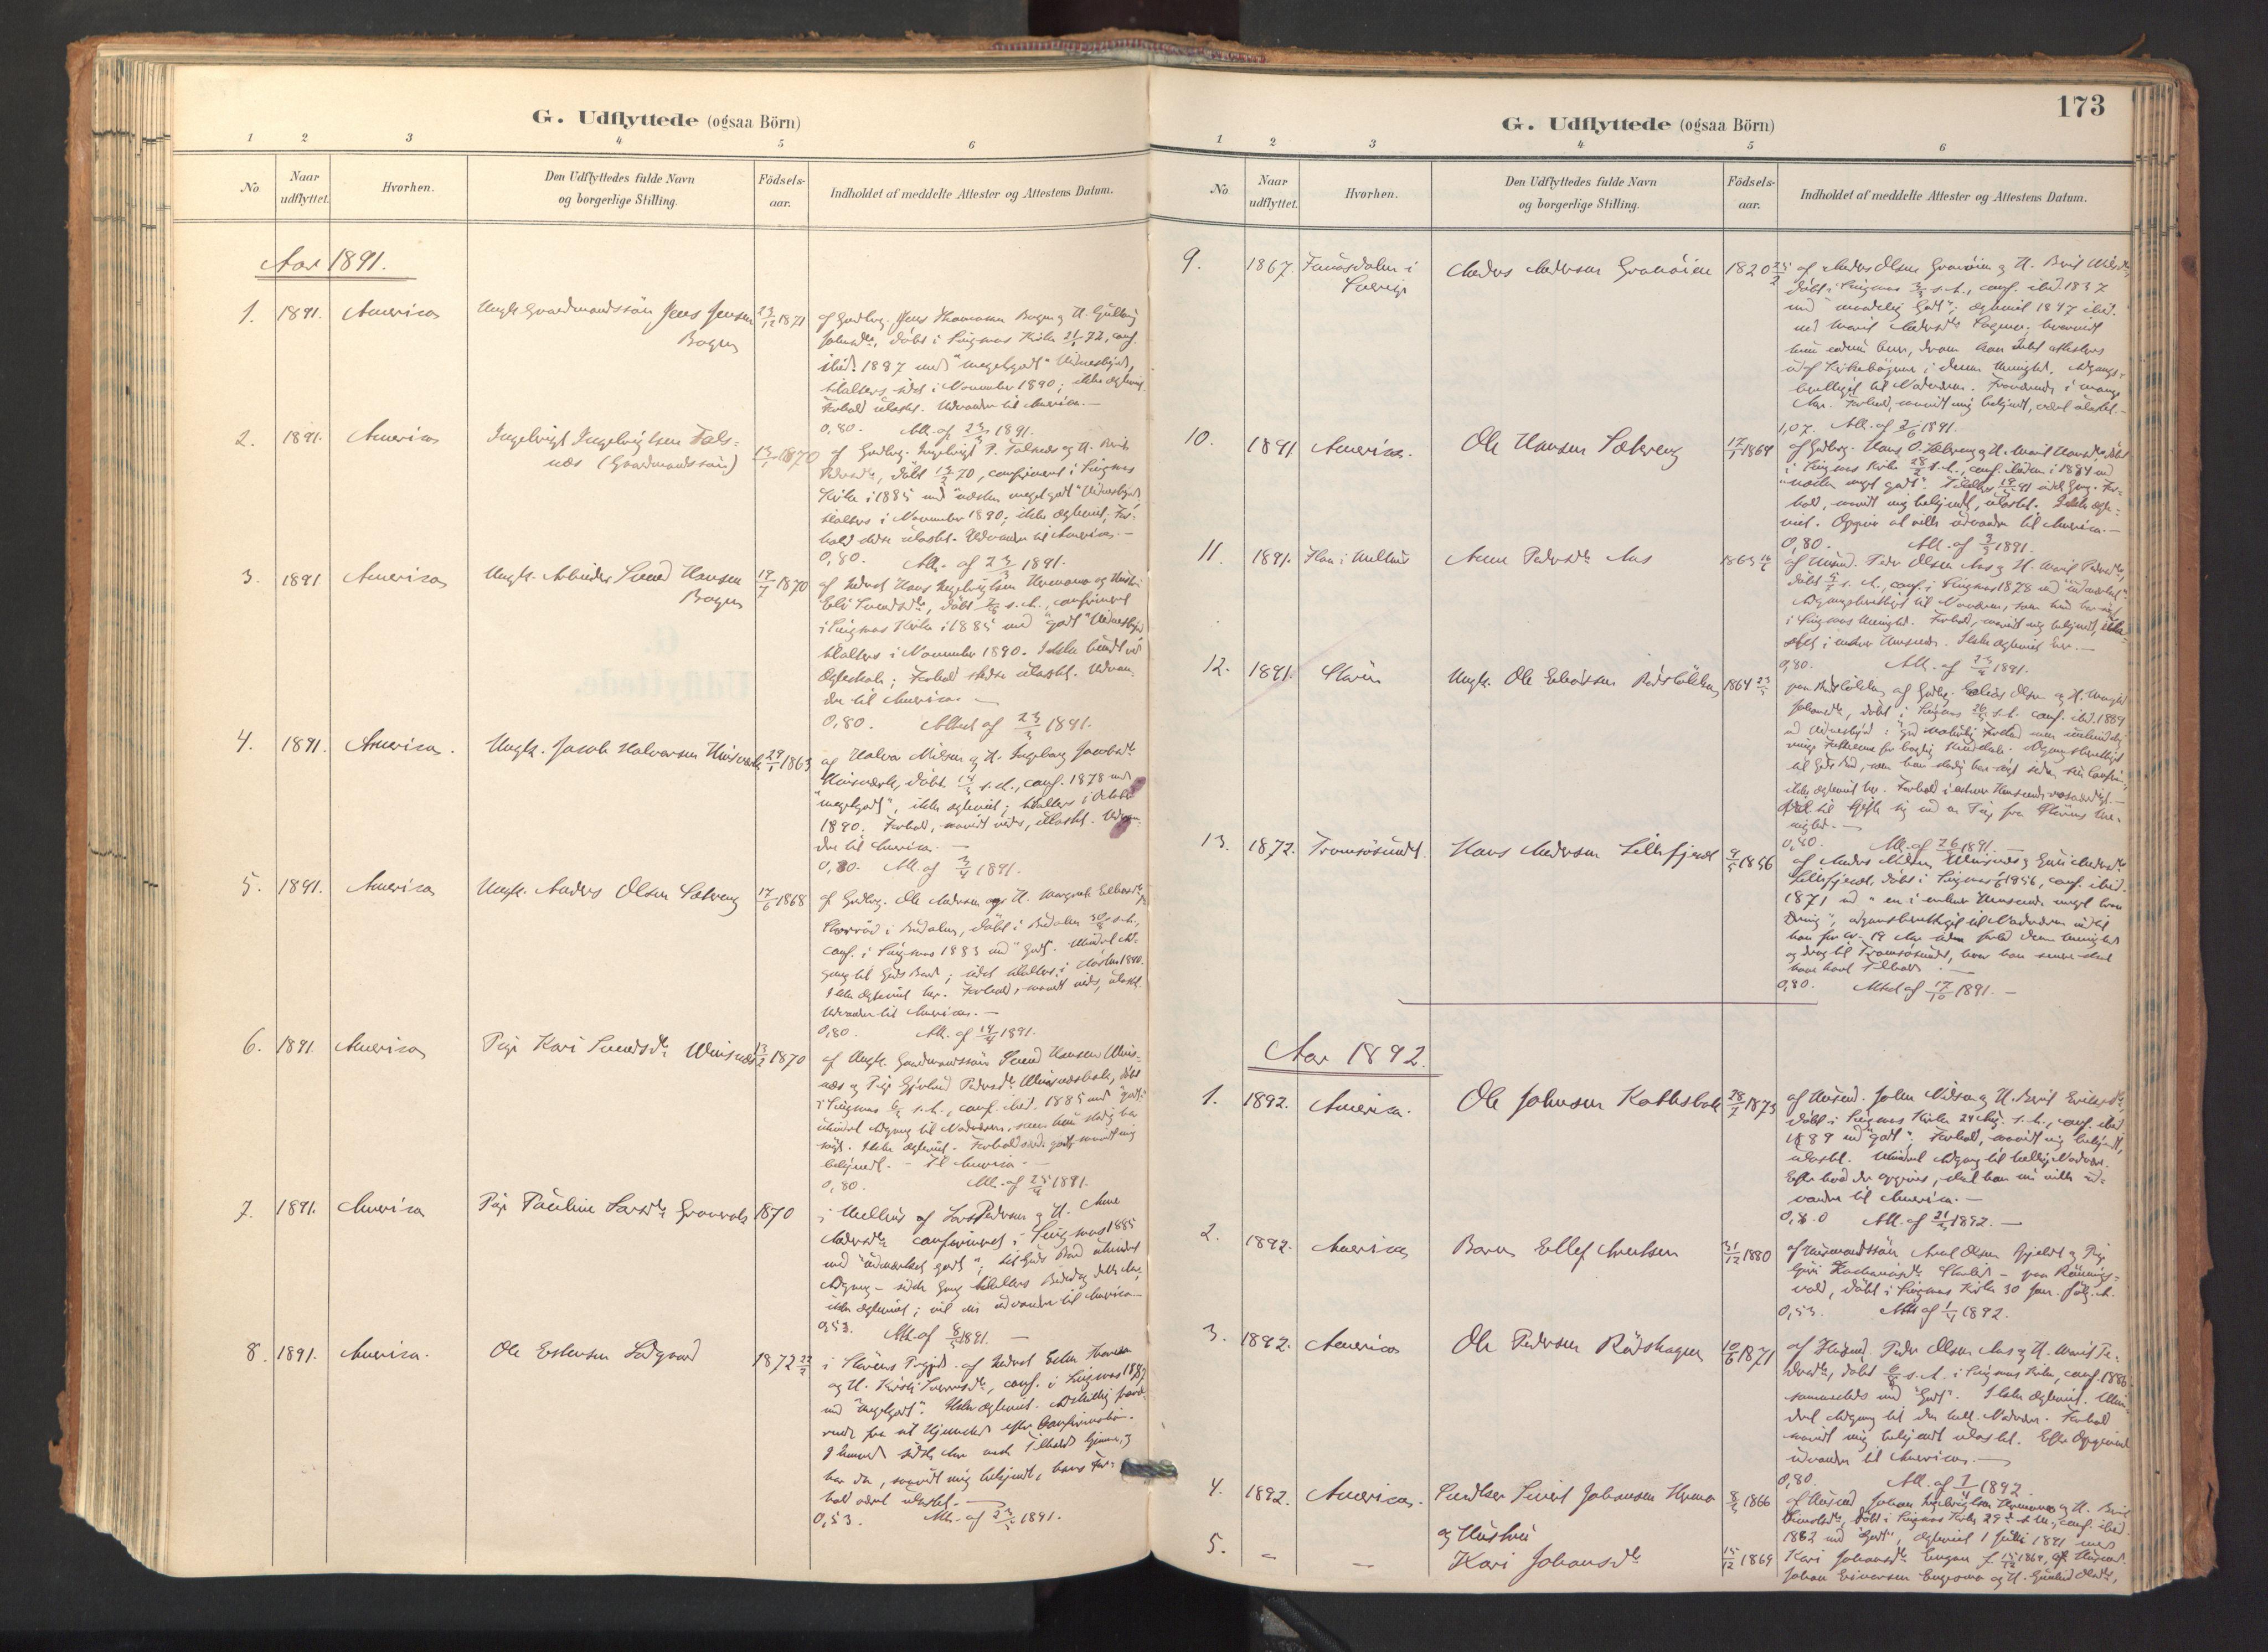 SAT, Ministerialprotokoller, klokkerbøker og fødselsregistre - Sør-Trøndelag, 688/L1025: Ministerialbok nr. 688A02, 1891-1909, s. 173